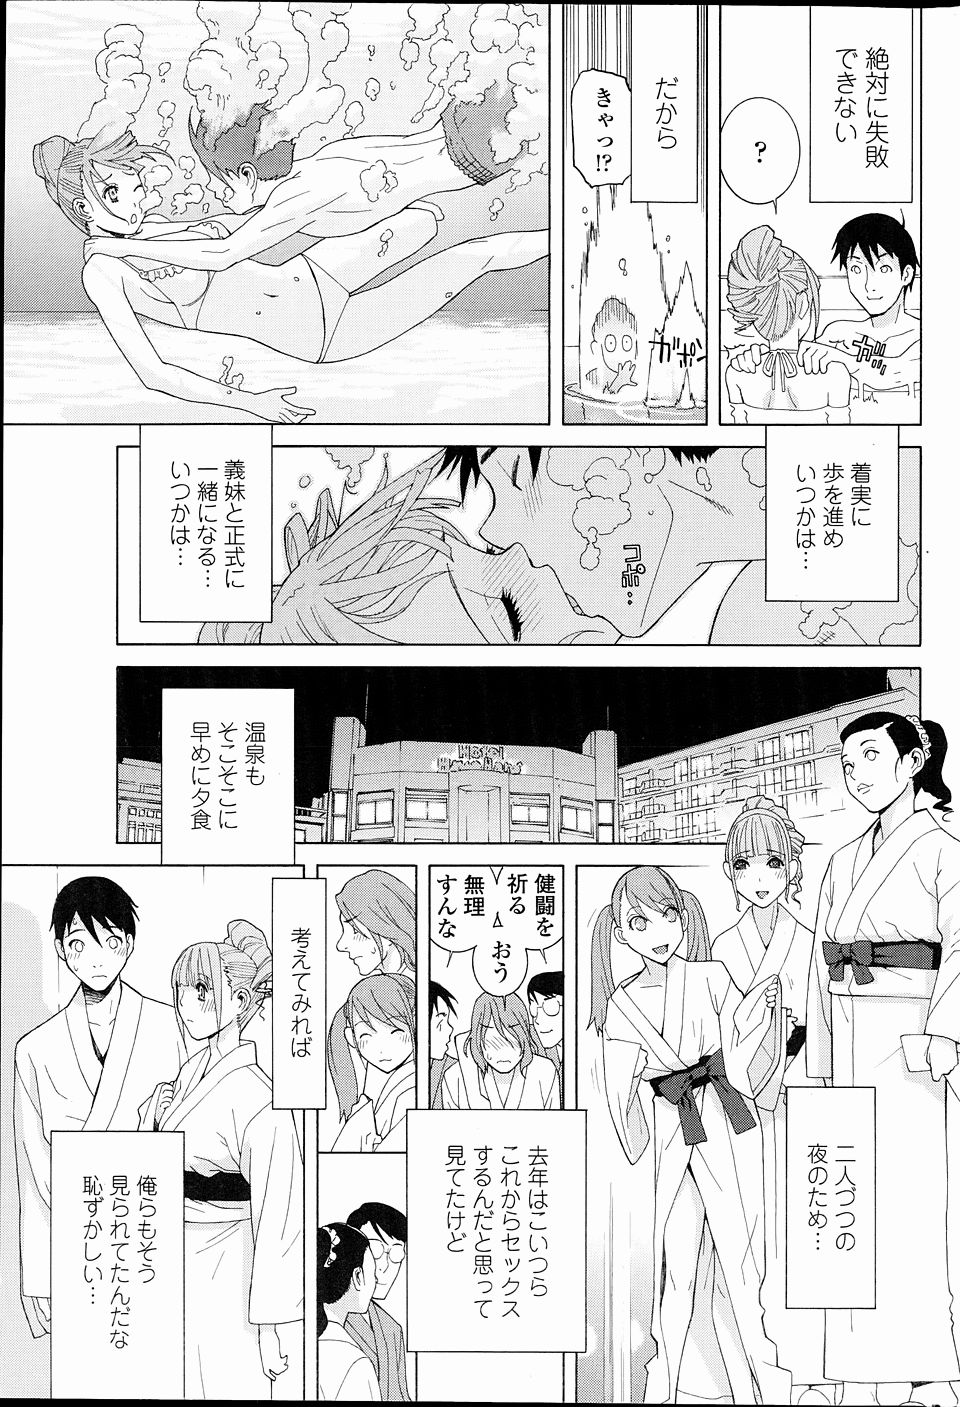 【エロ漫画・エロ同人】巨乳義妹のアナル開発してアナルセックスしてるwww (3)